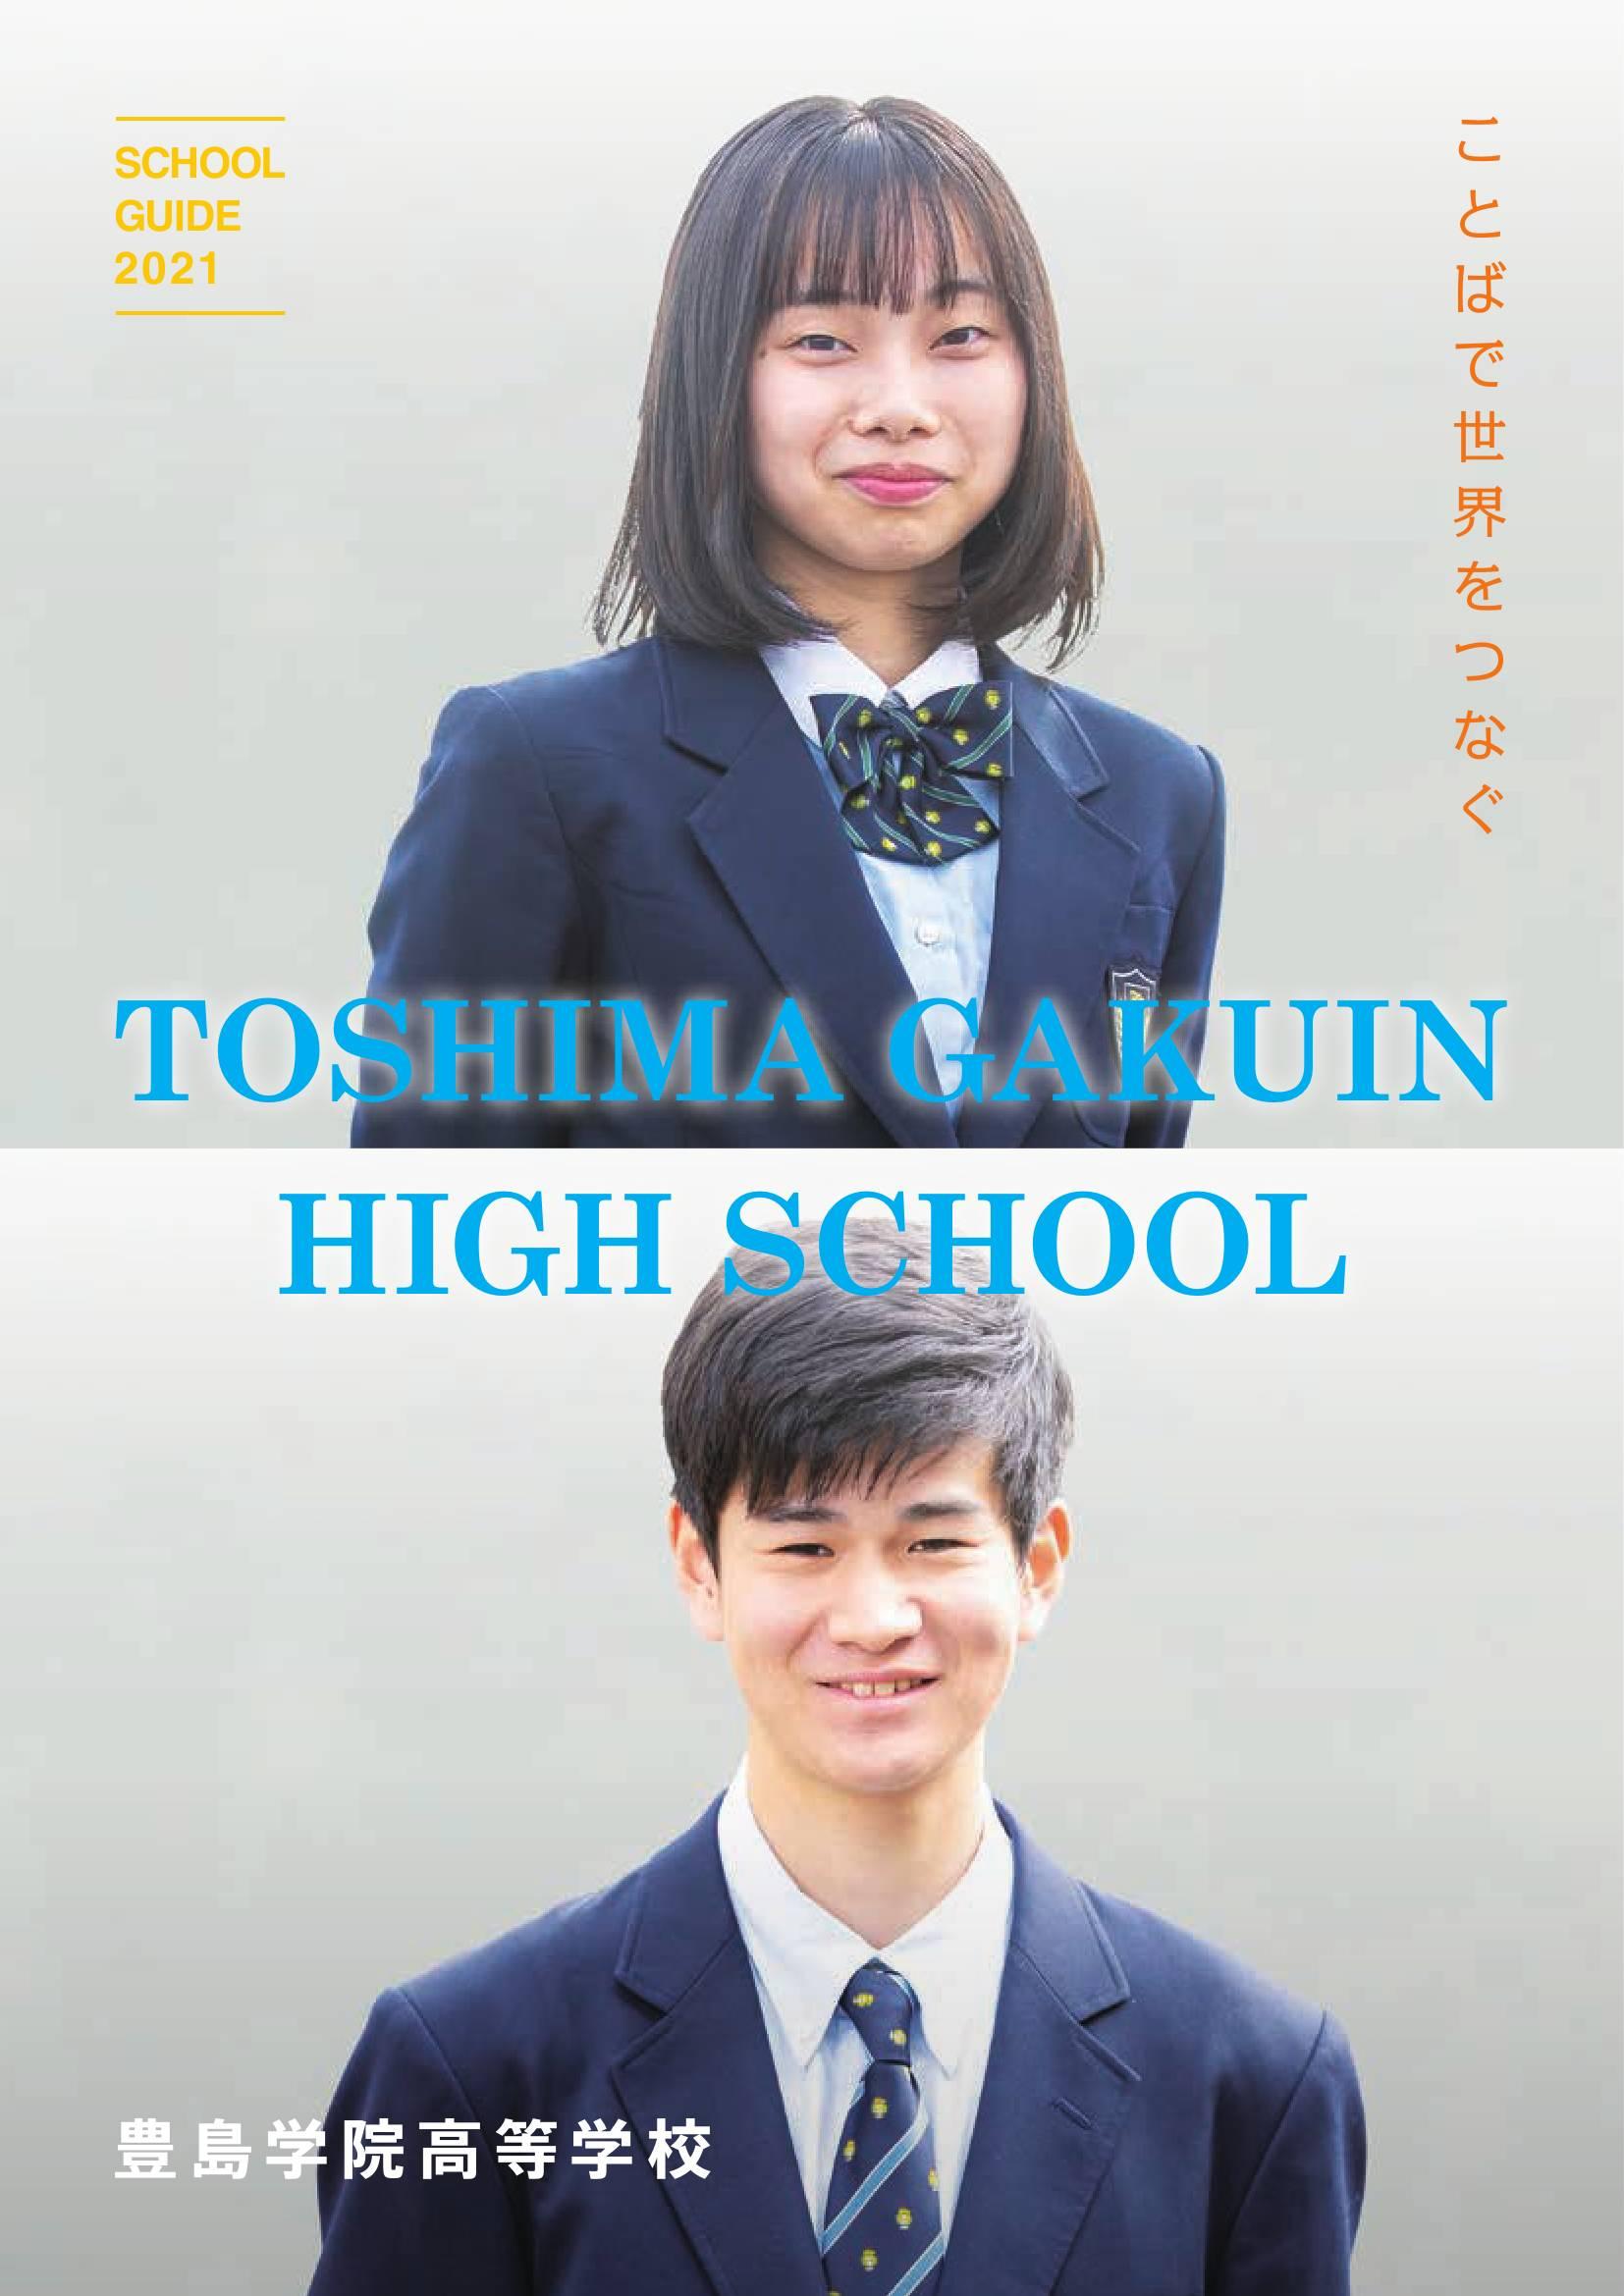 豊島 学院